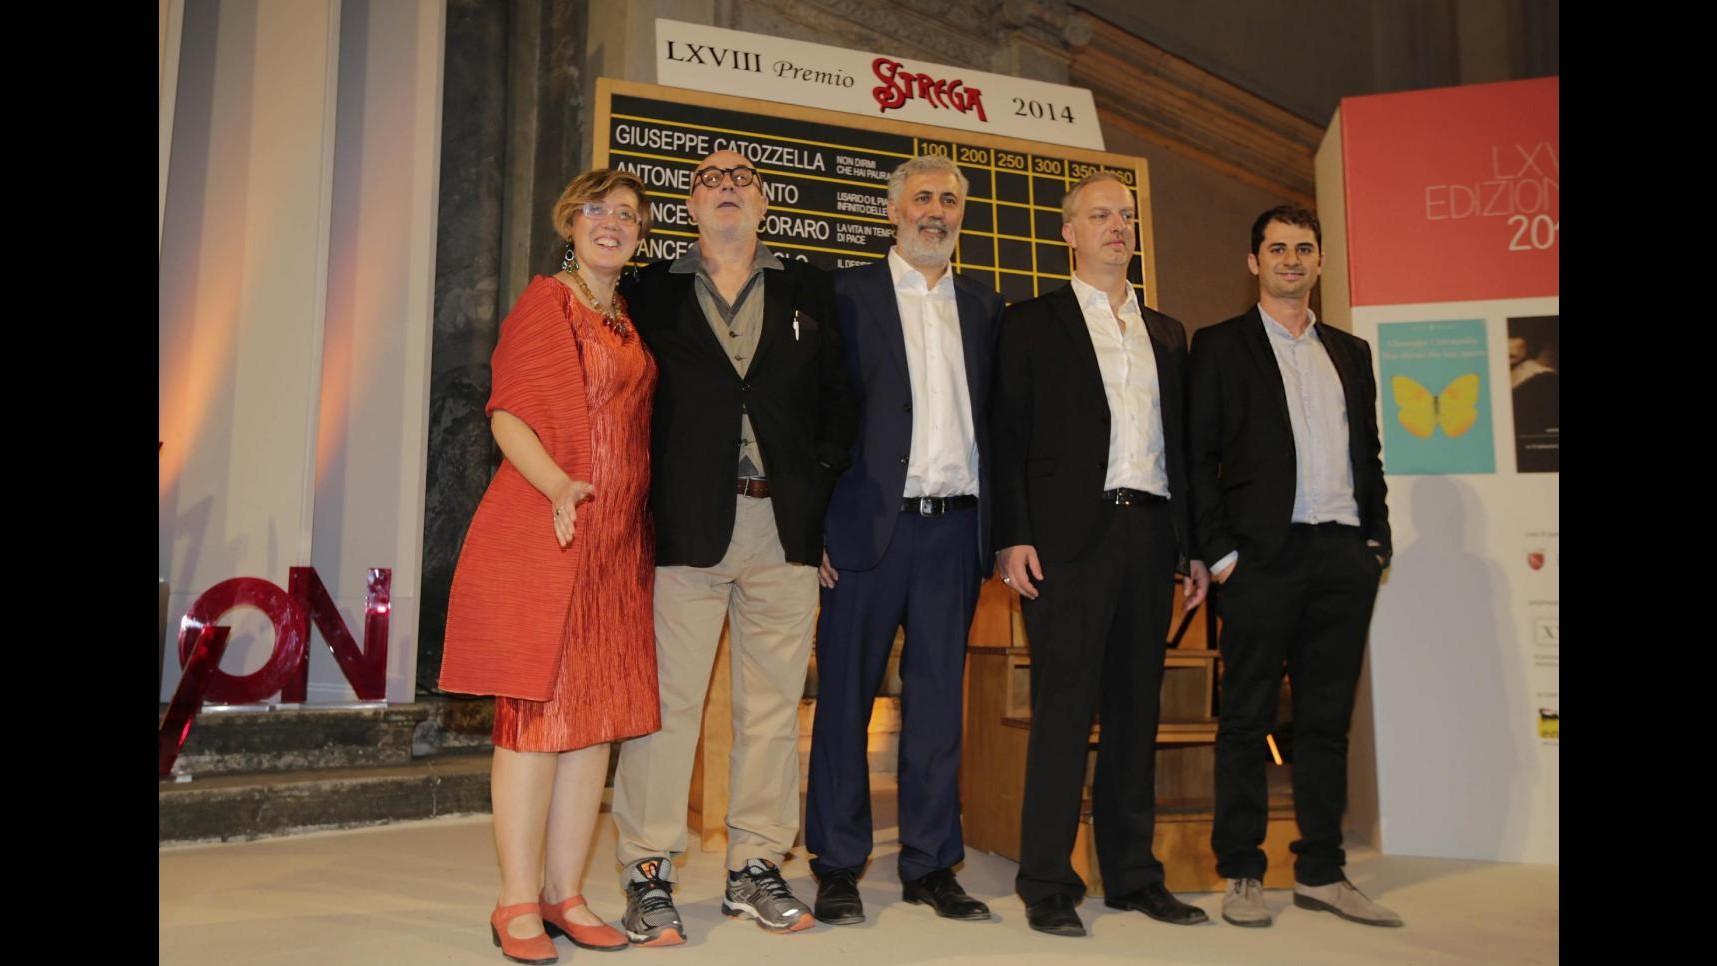 Premio Strega, i 5 finalisti: Scurati e Piccolo i favoriti